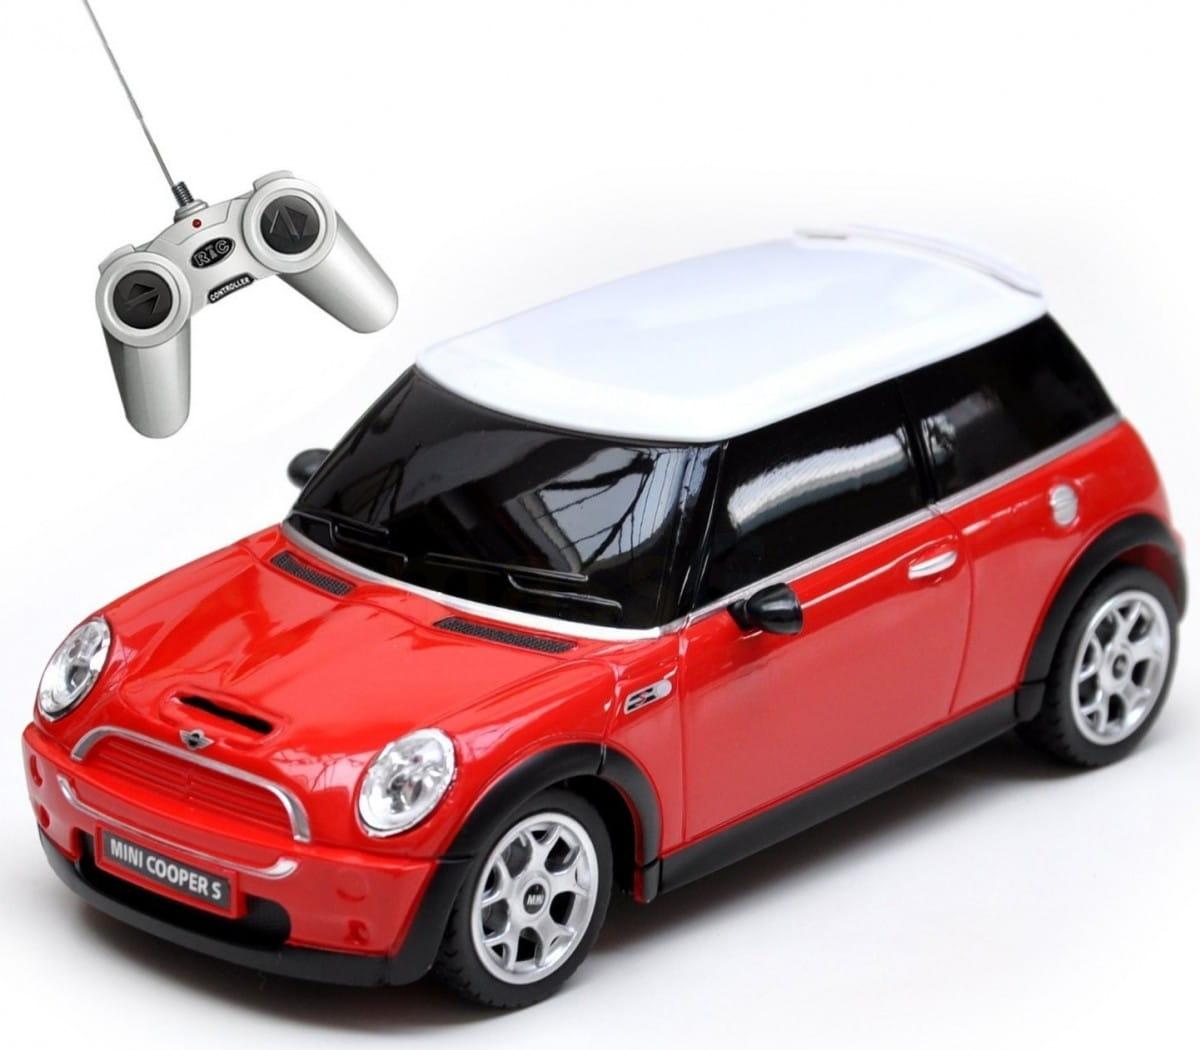 Радиоуправляемая машина Rastar 20900 Minicooper S 1:18